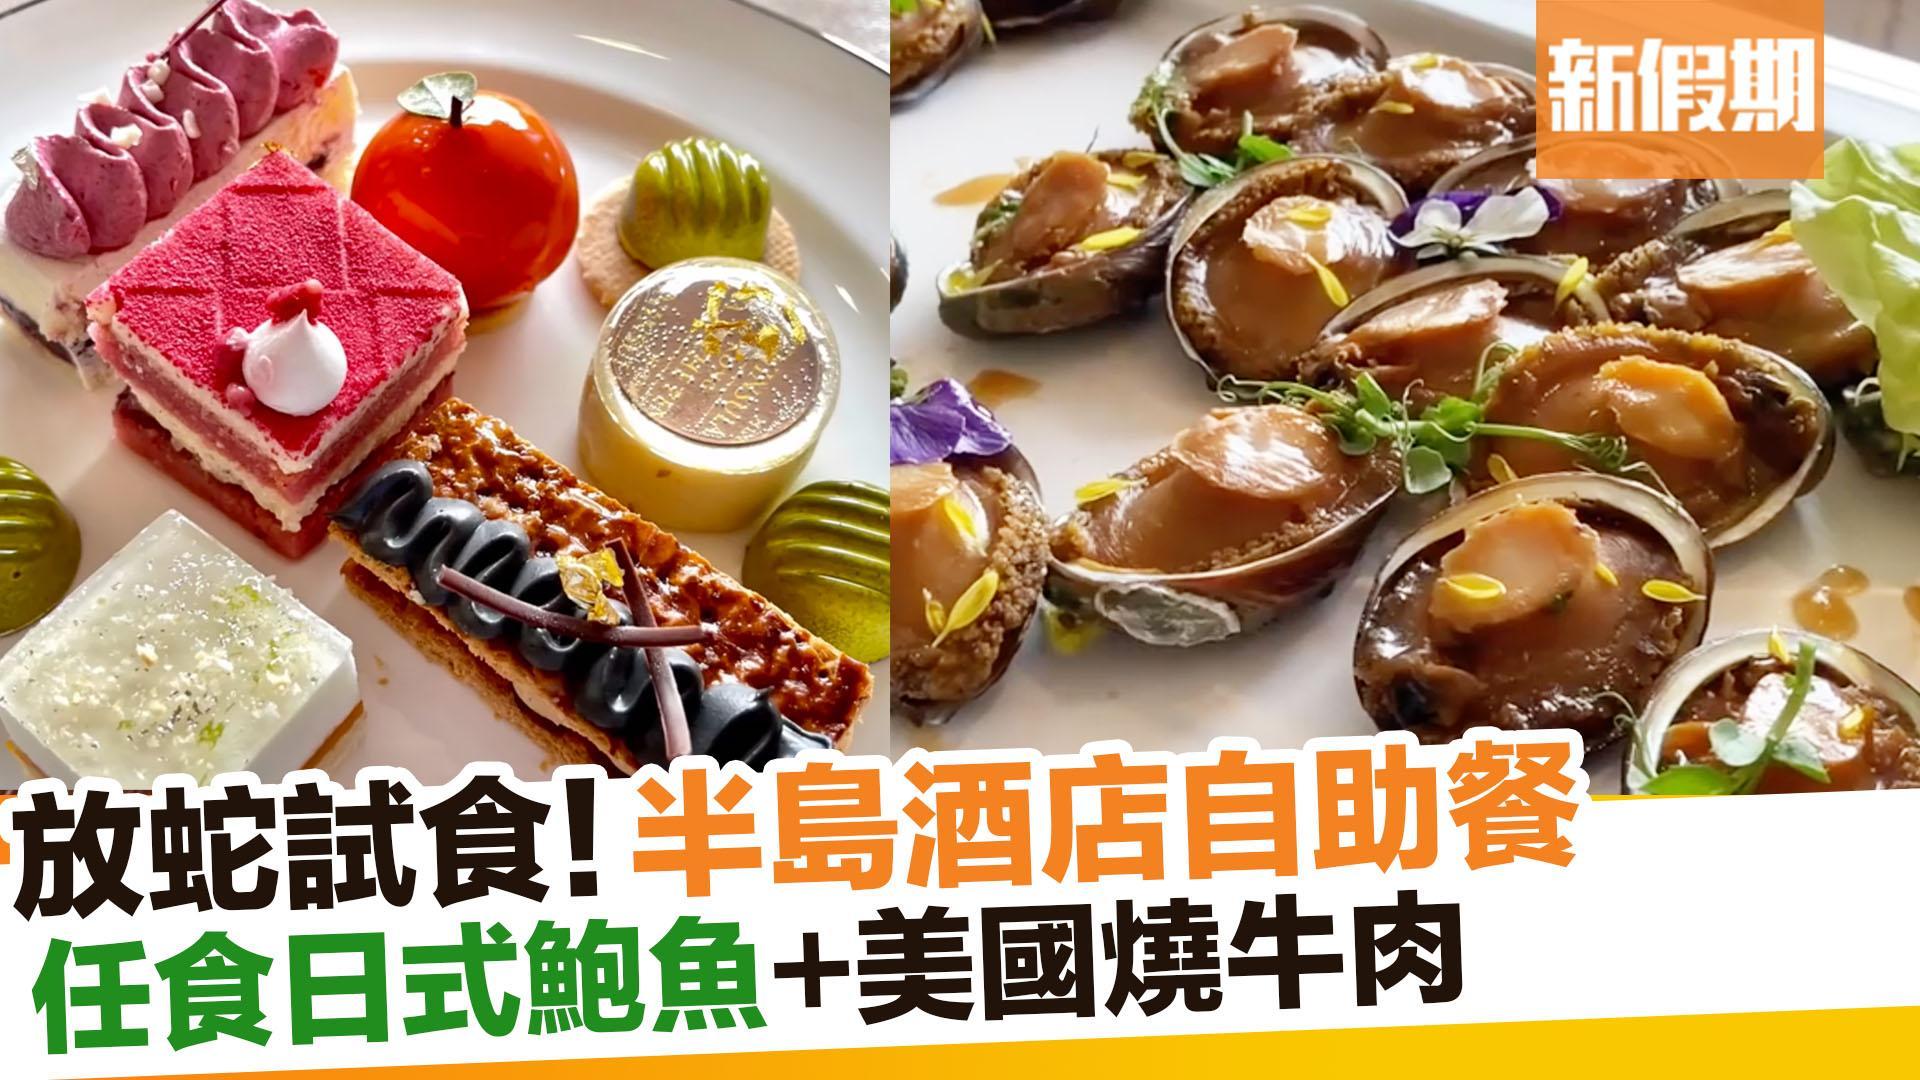 【自助餐放蛇】半島酒店自助餐 新假期